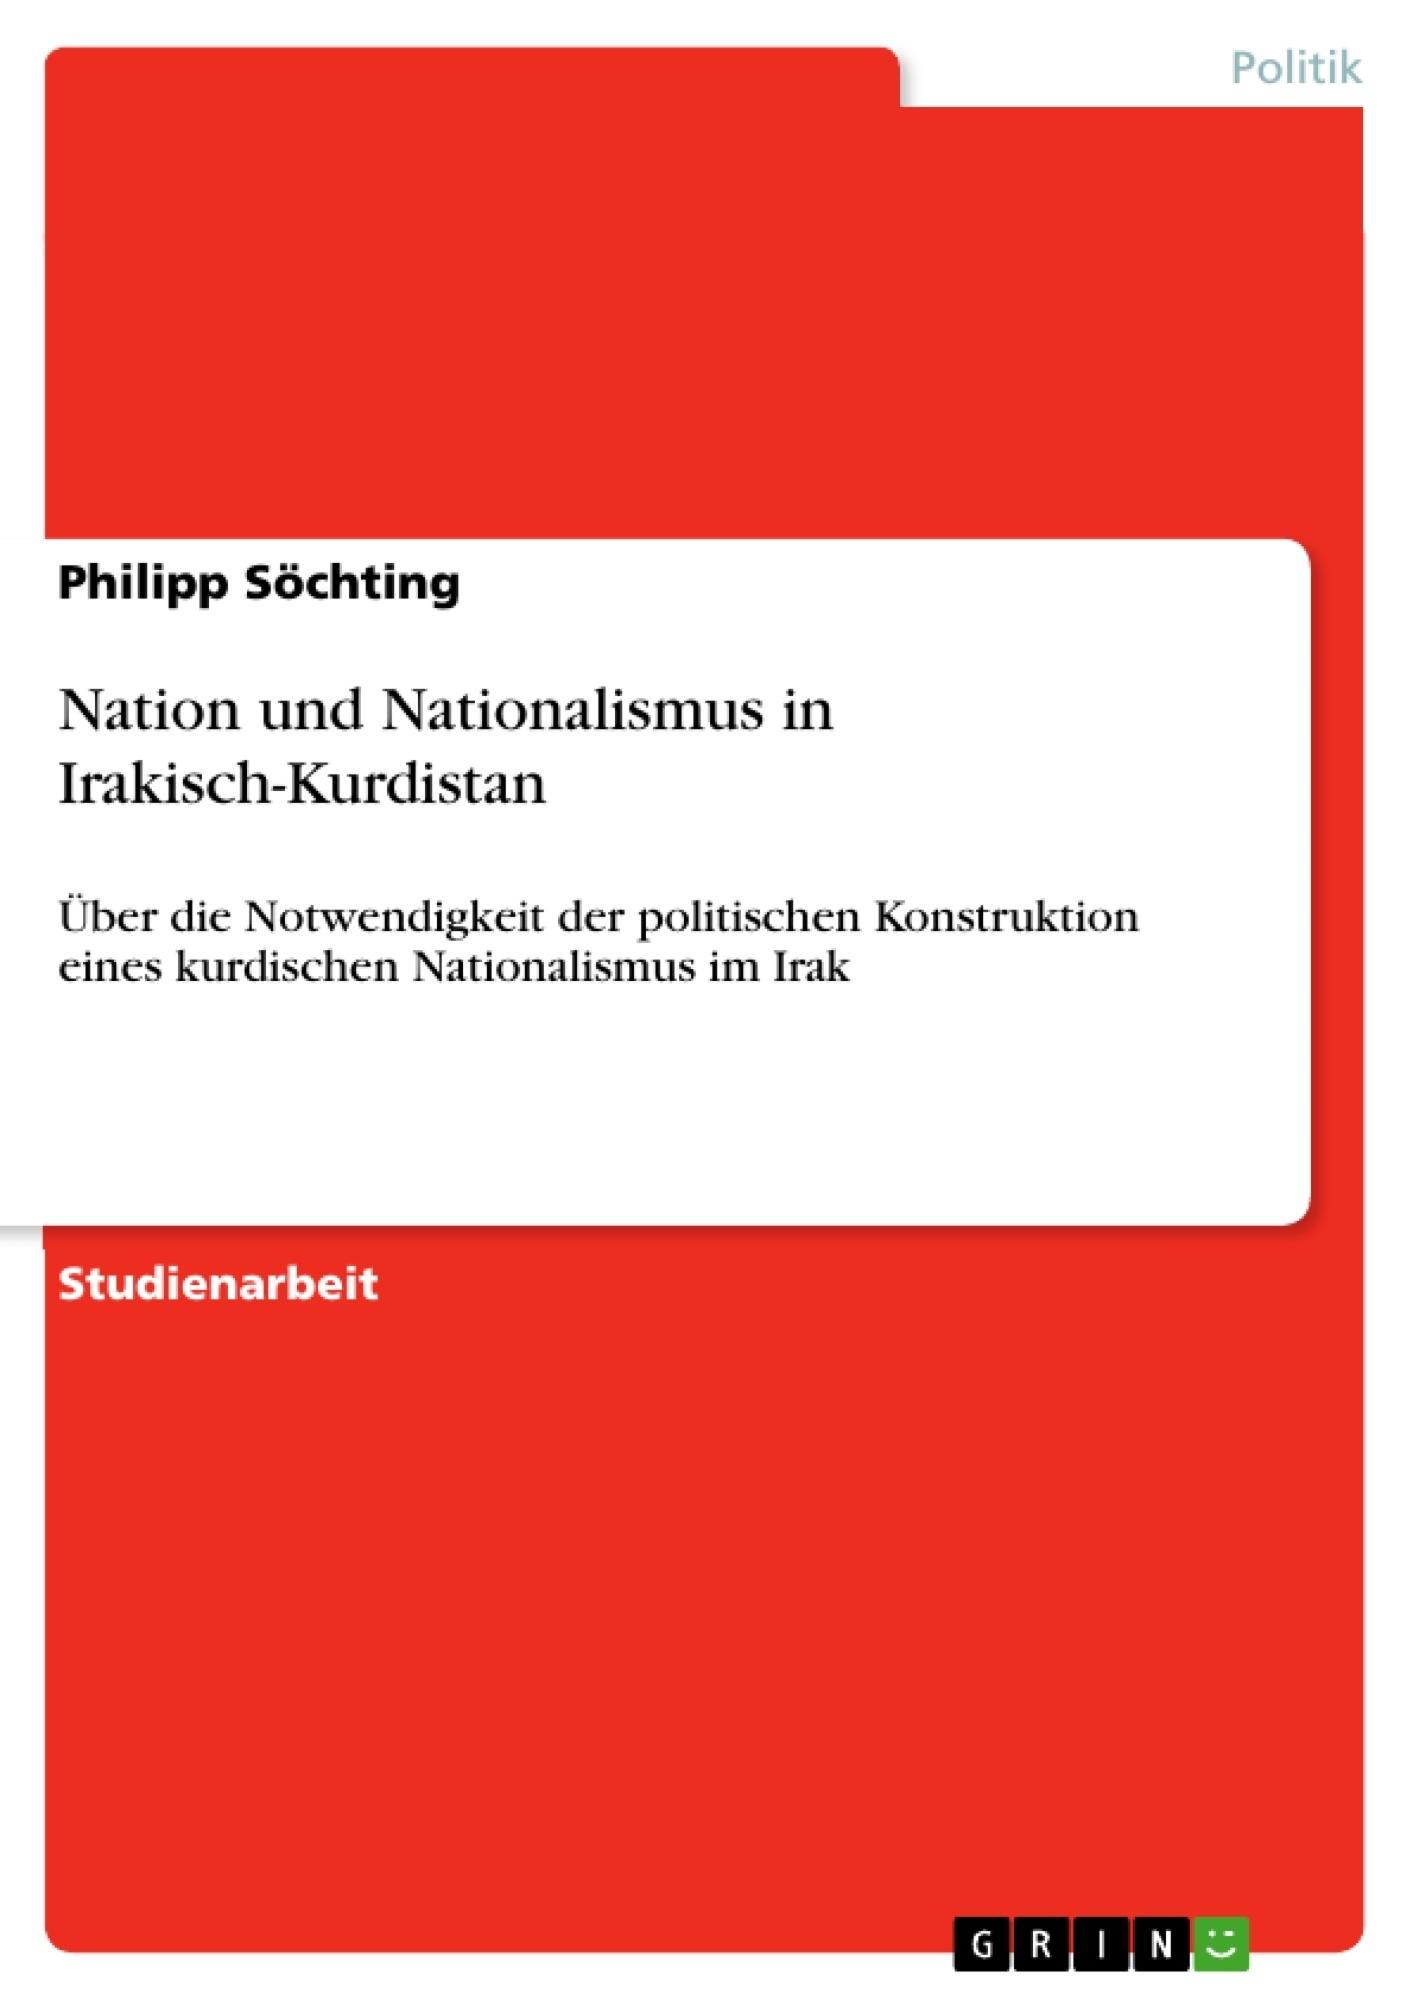 Titel: Nation und Nationalismus in Irakisch-Kurdistan